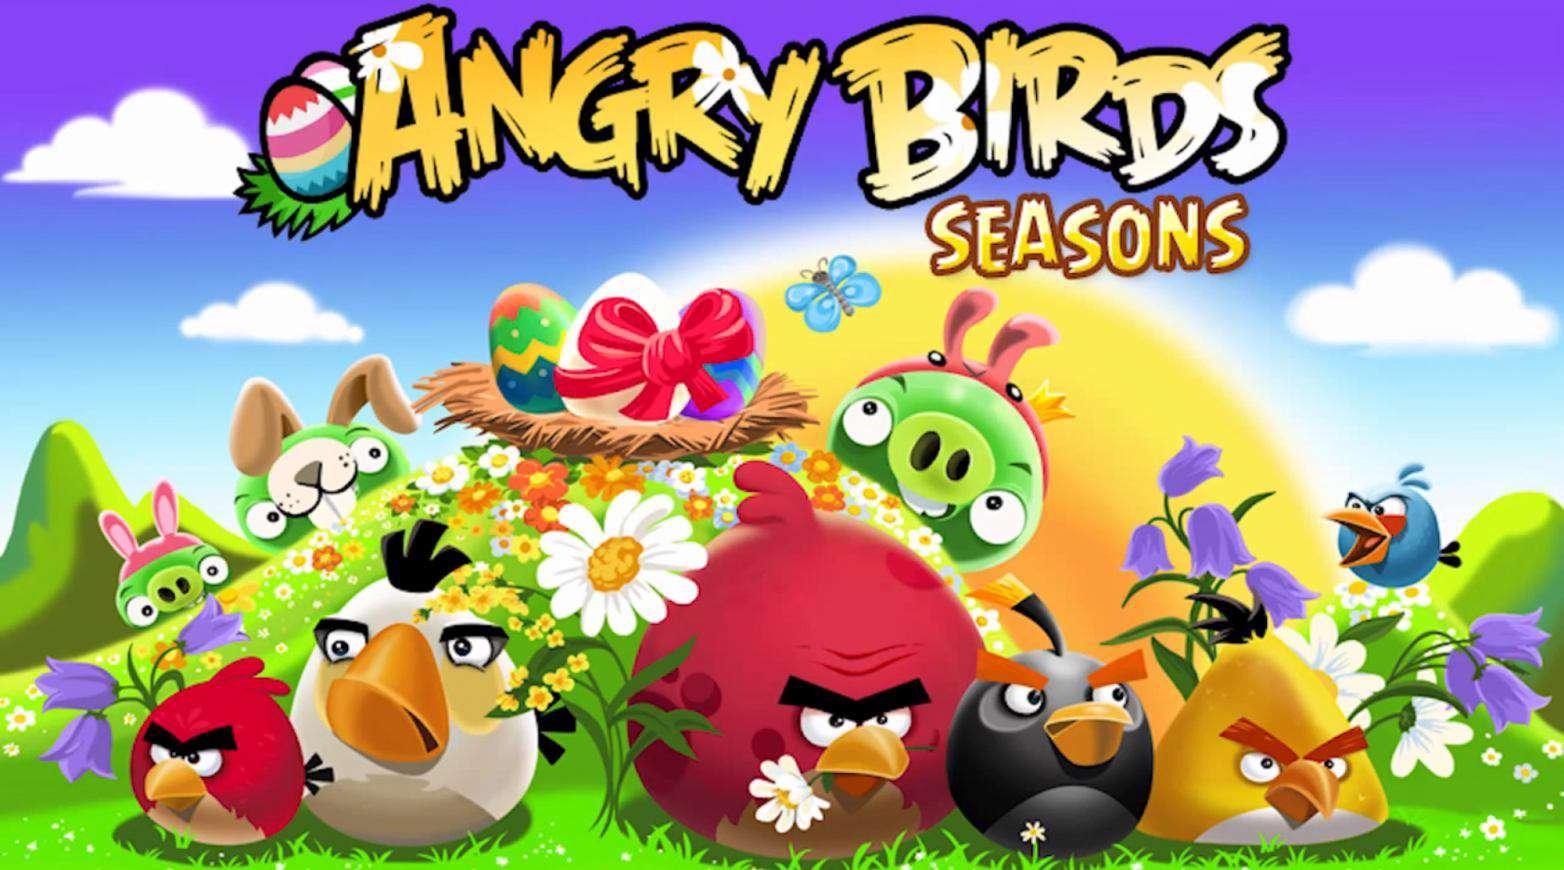 دانلود بازی محبوب و سرگرم کننده پرندگان خشمگین Angry Birds Seasons 6.2.2